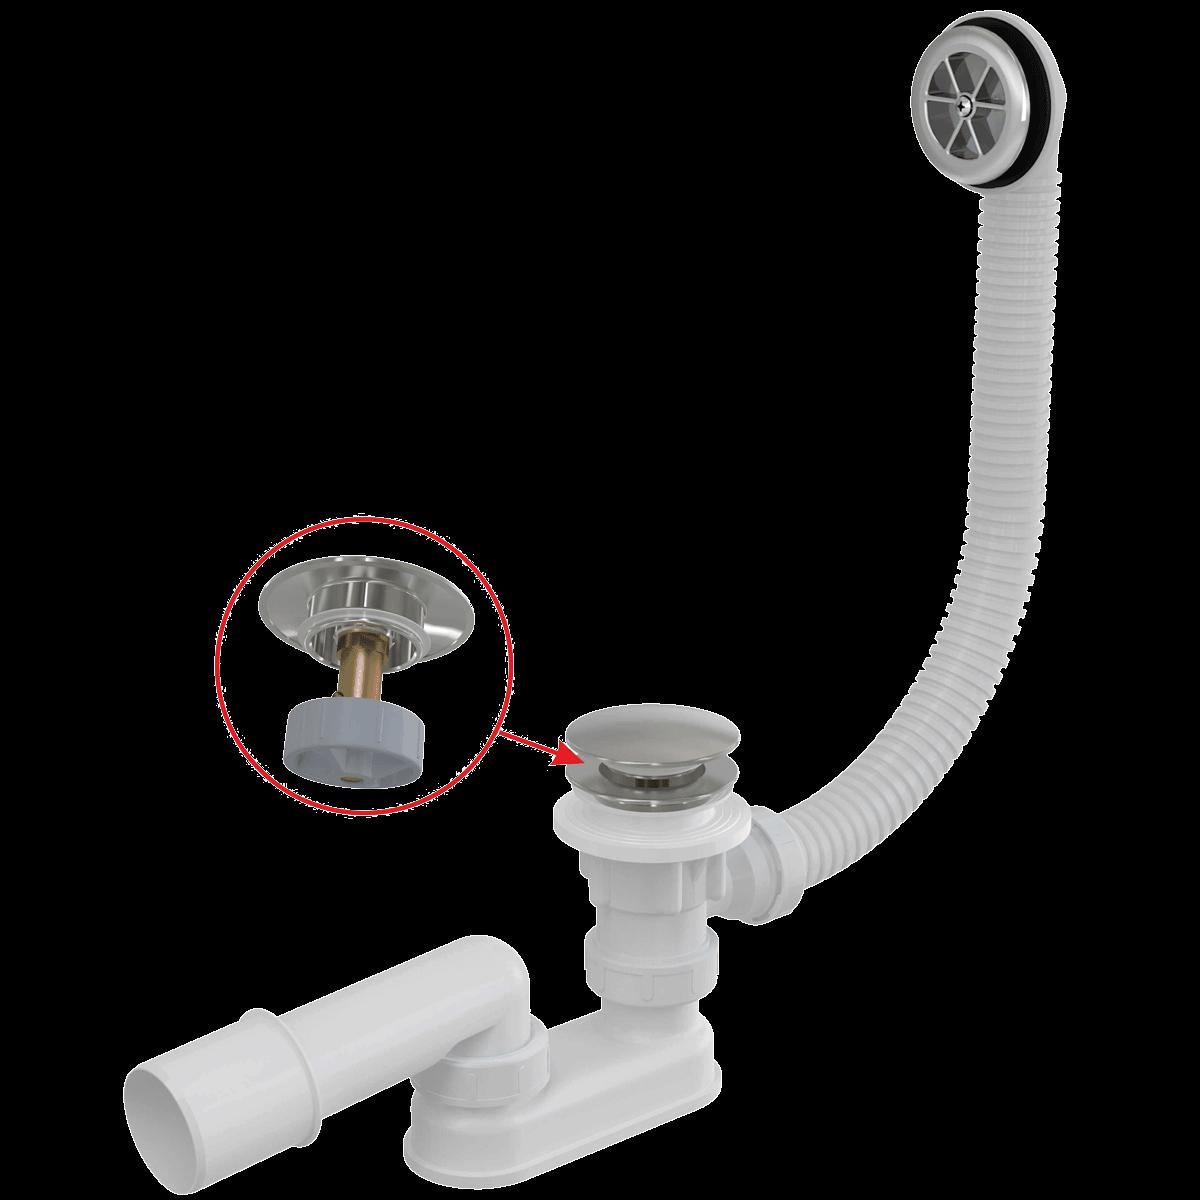 Vanový sifon Alcaplast click/clack, 100 cm, kov A505CKM100